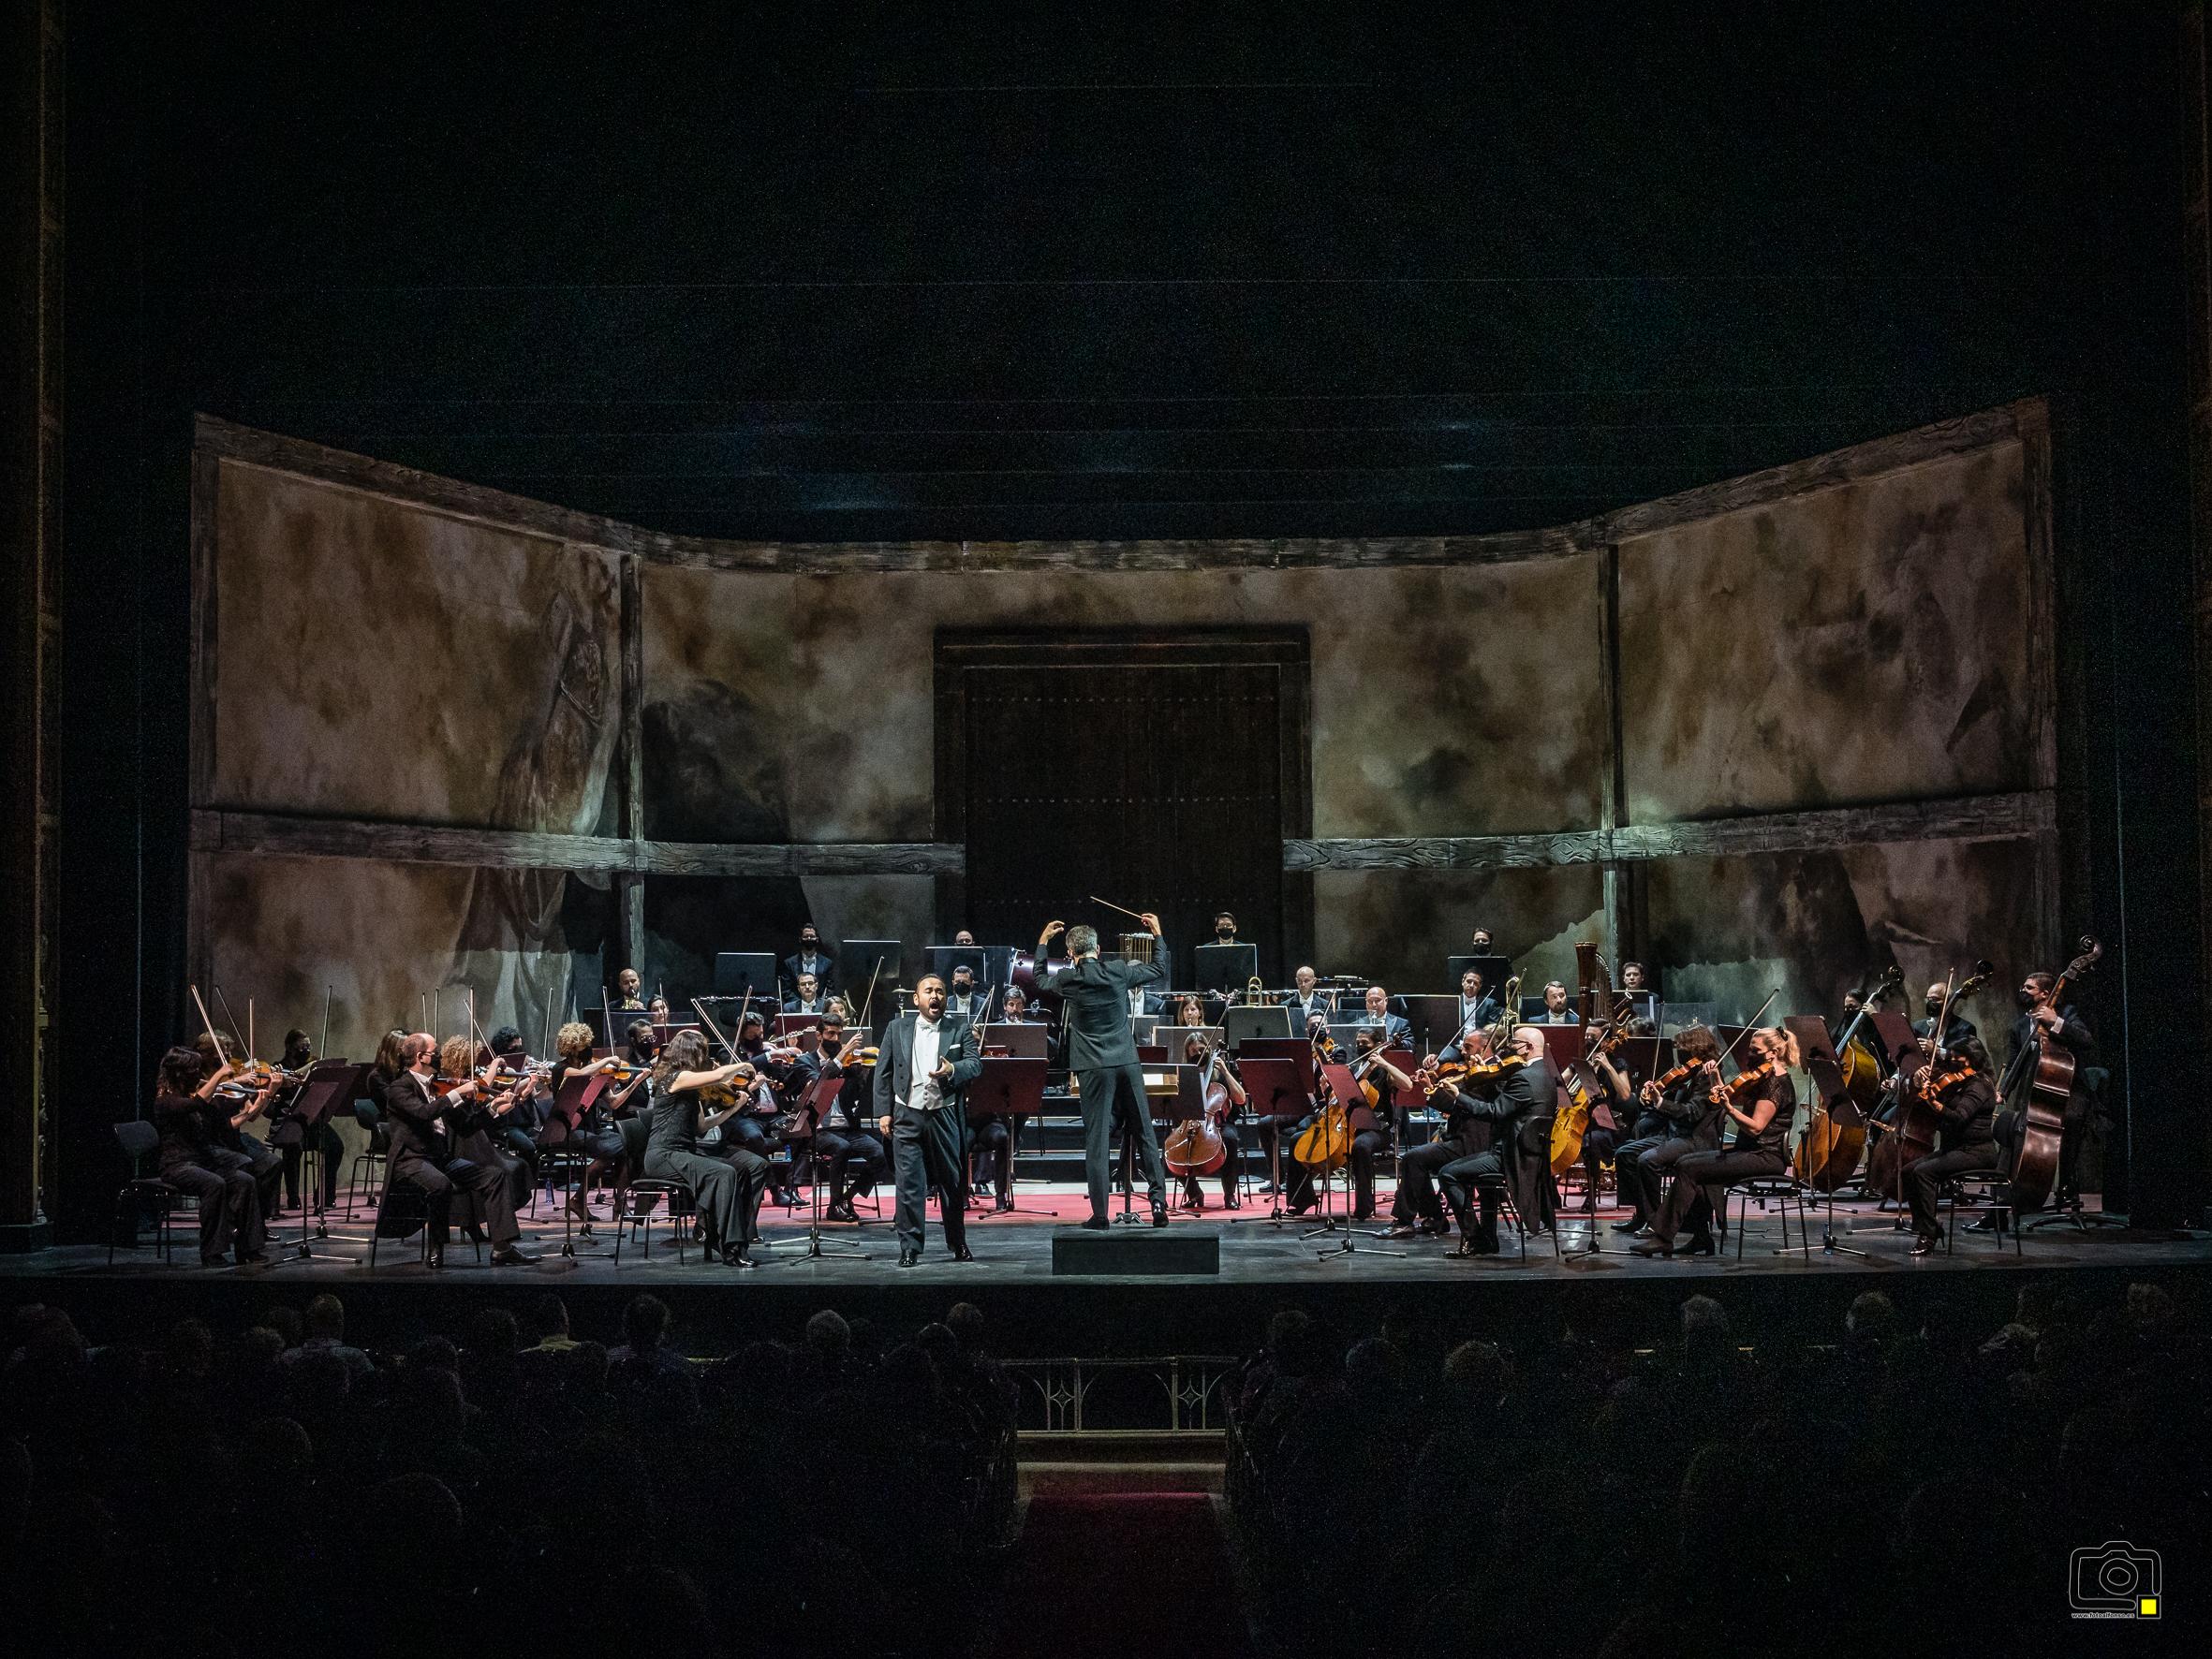 Concierto de Javier Camarena en el Teatro Campoamor de Oviedo con la Oviedo Filarmonía